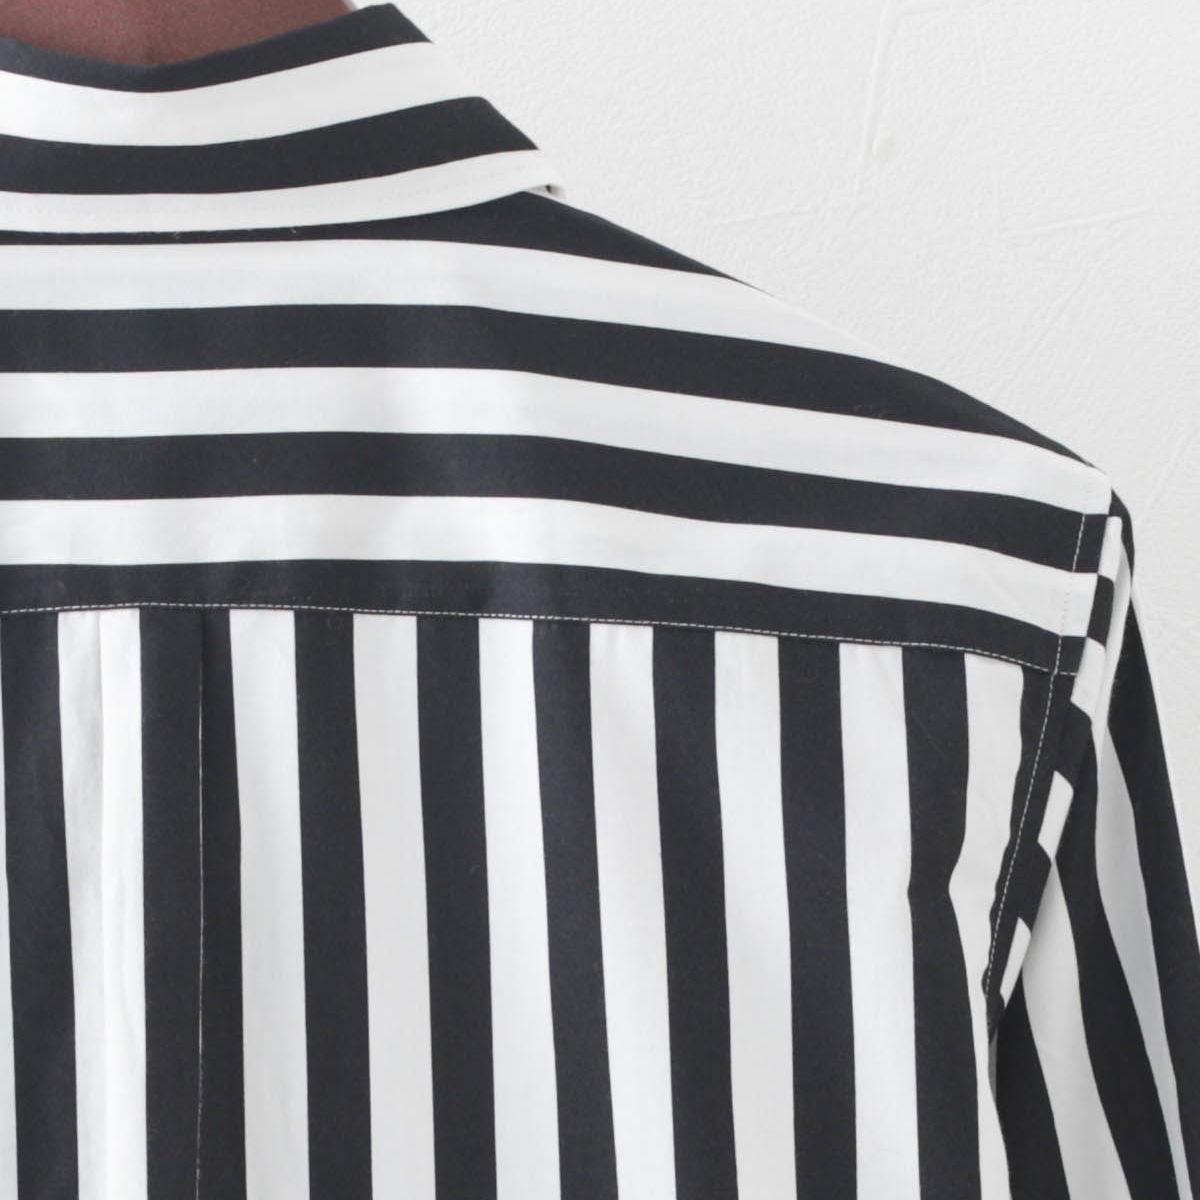 英国老舗ブランド 日本縫製 メンズ 長袖シャツ ストライププリント ブラック ホワイト コットン カジュアル ピーターイングランド